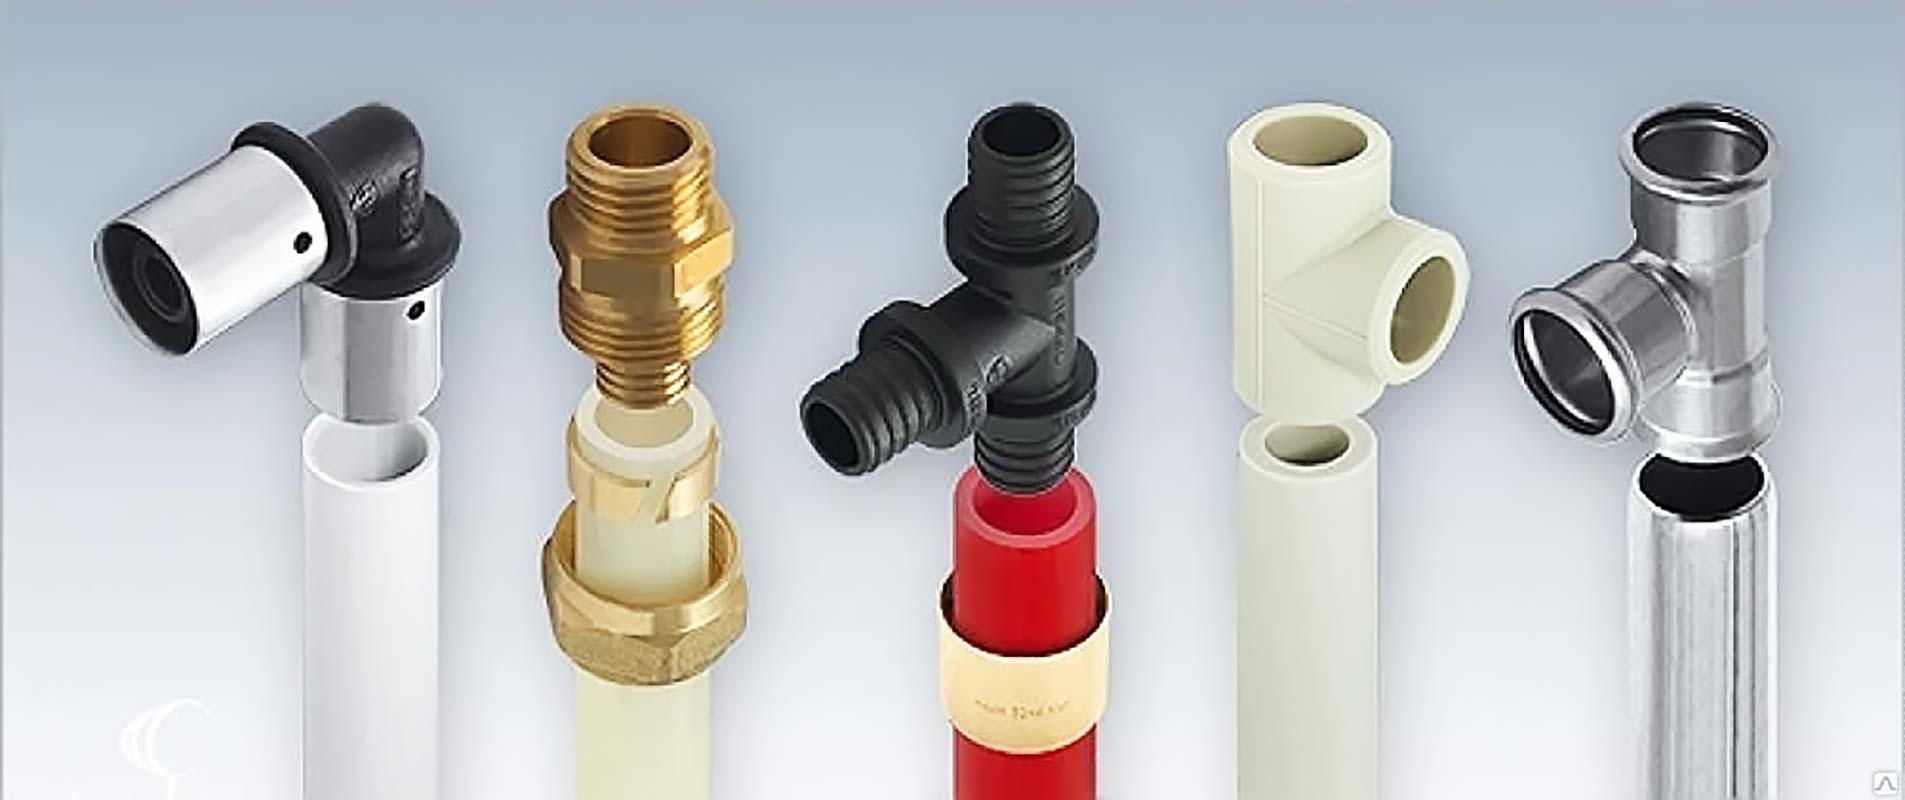 Металлопластиковые трубы и фитинги